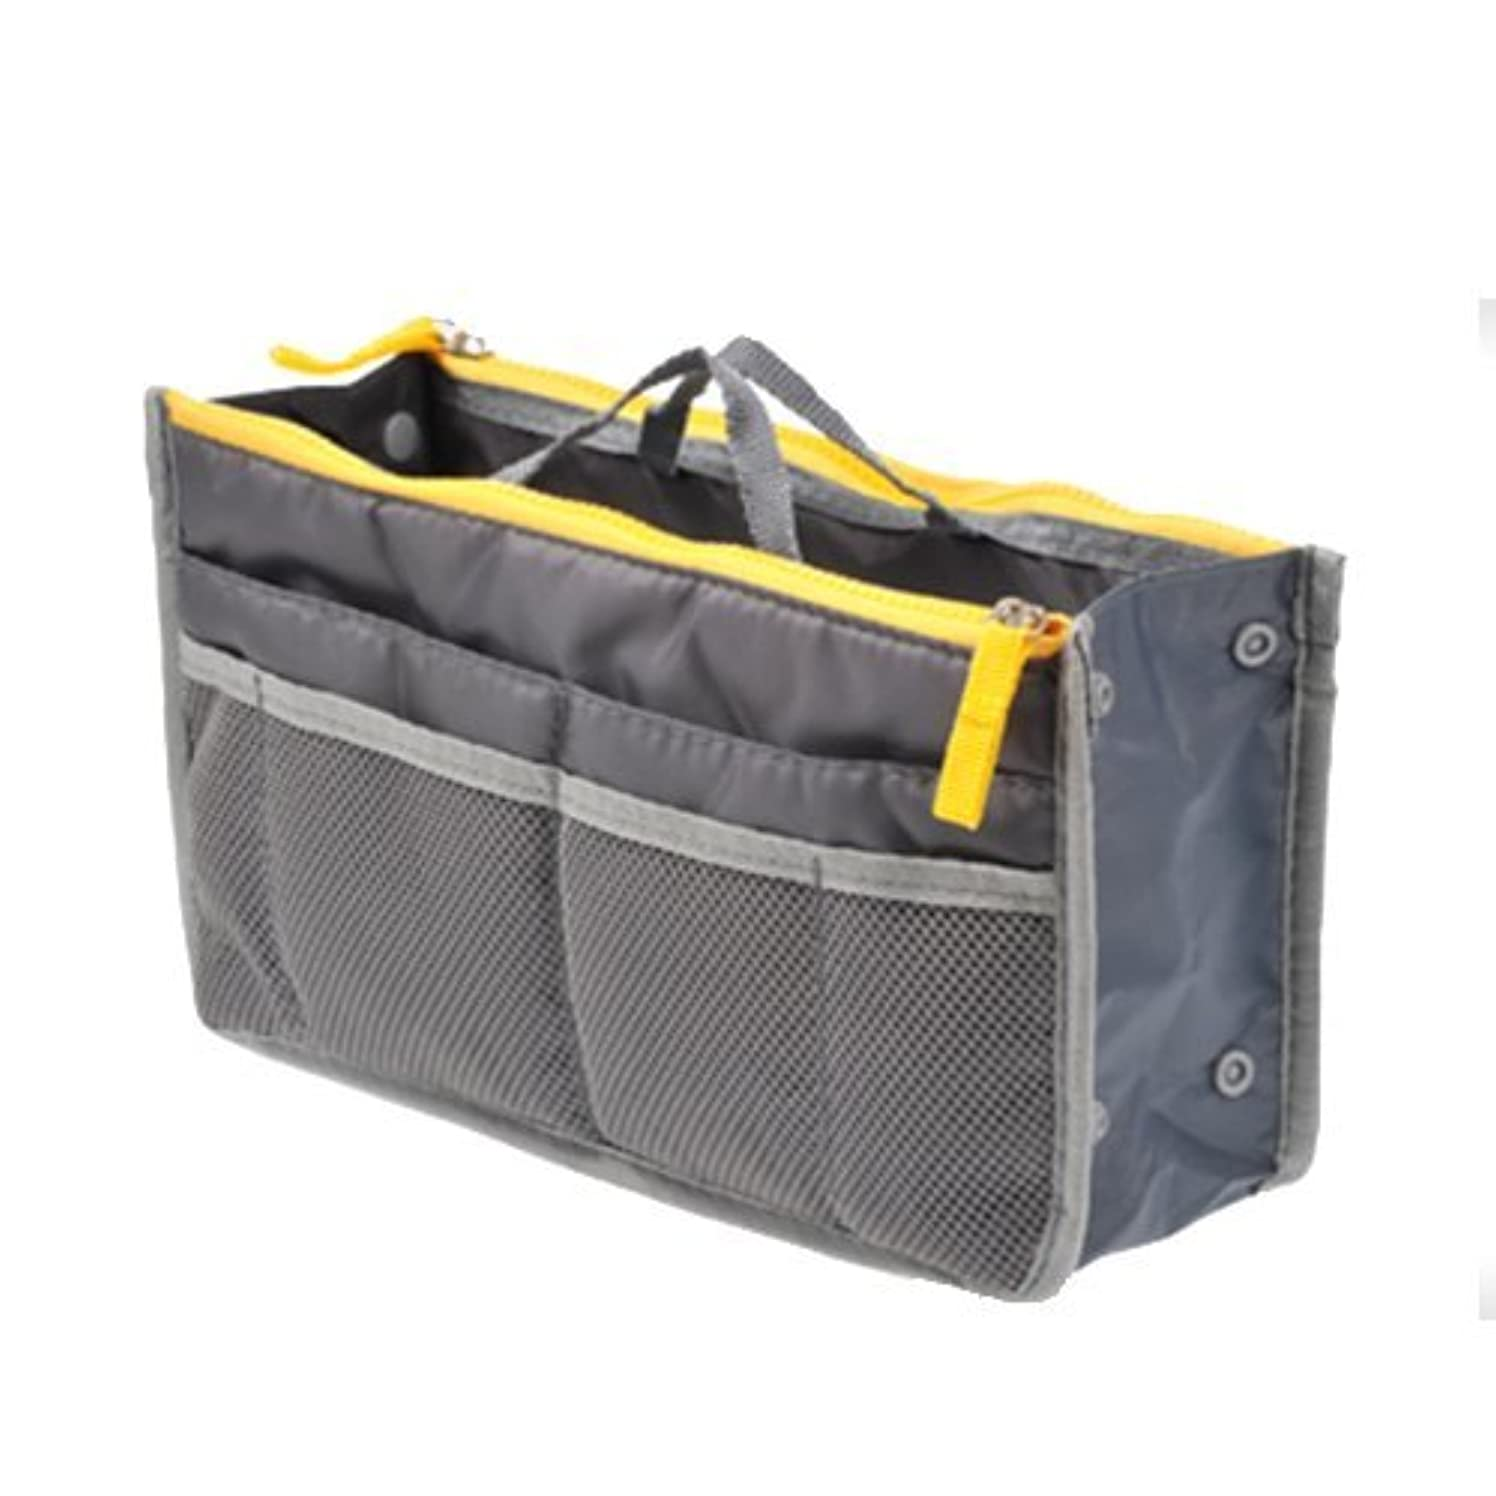 マーガレットミッチェルエトナ山イライラするTENDOC 高品質 バッグでバッグを簡単収納 お財布 携帯などの必需品から手帳やペンもピッタリサイズ グレー